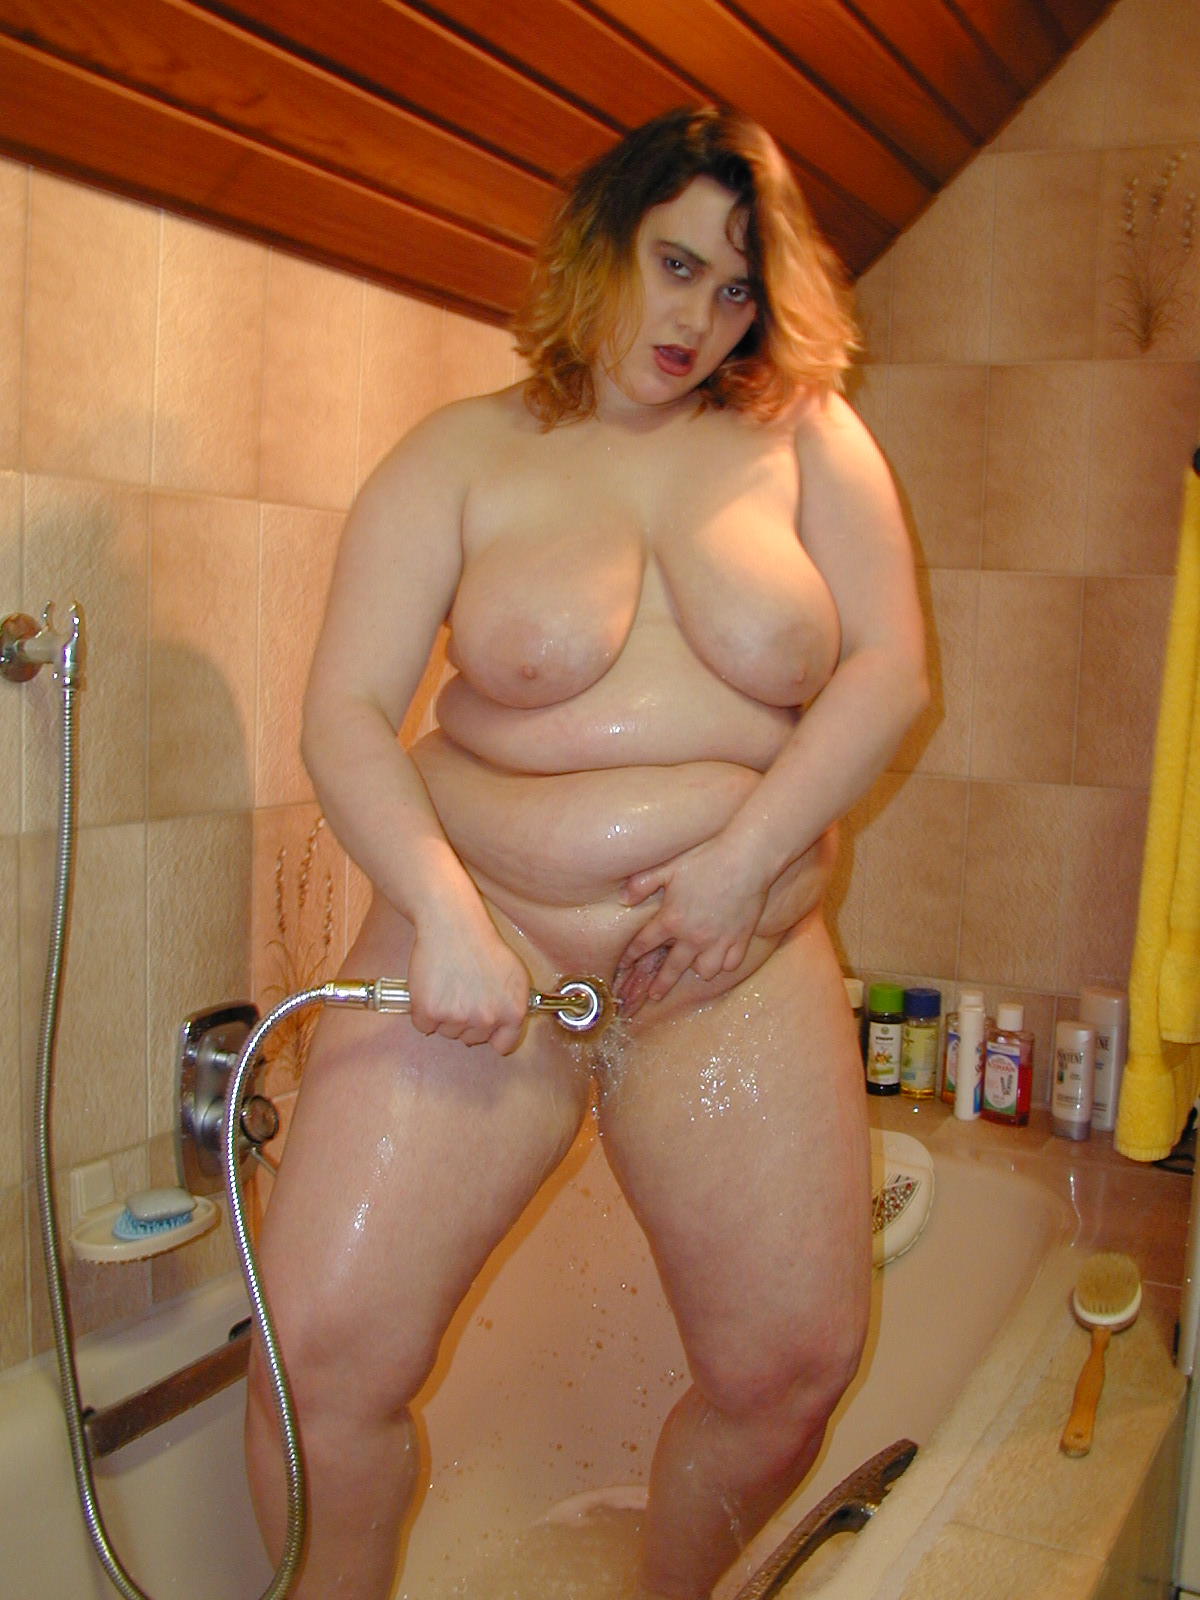 Kathy jones porn pictures